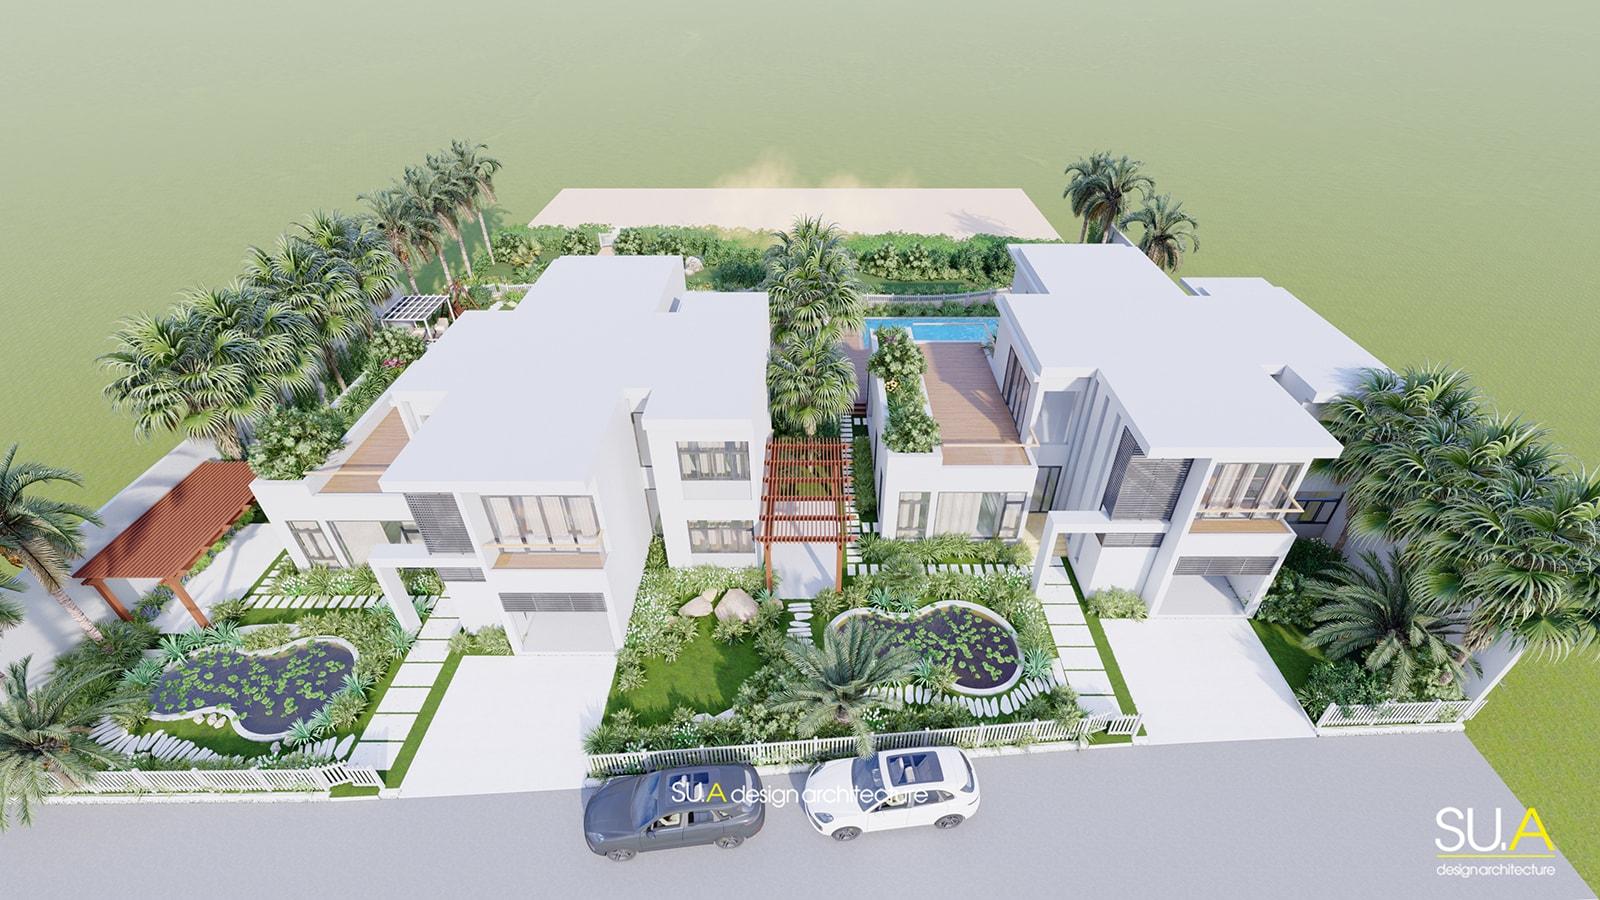 Phối cảnh mặt bằng công trình thiết kế biệt thự nghỉ dưỡng hiện đại